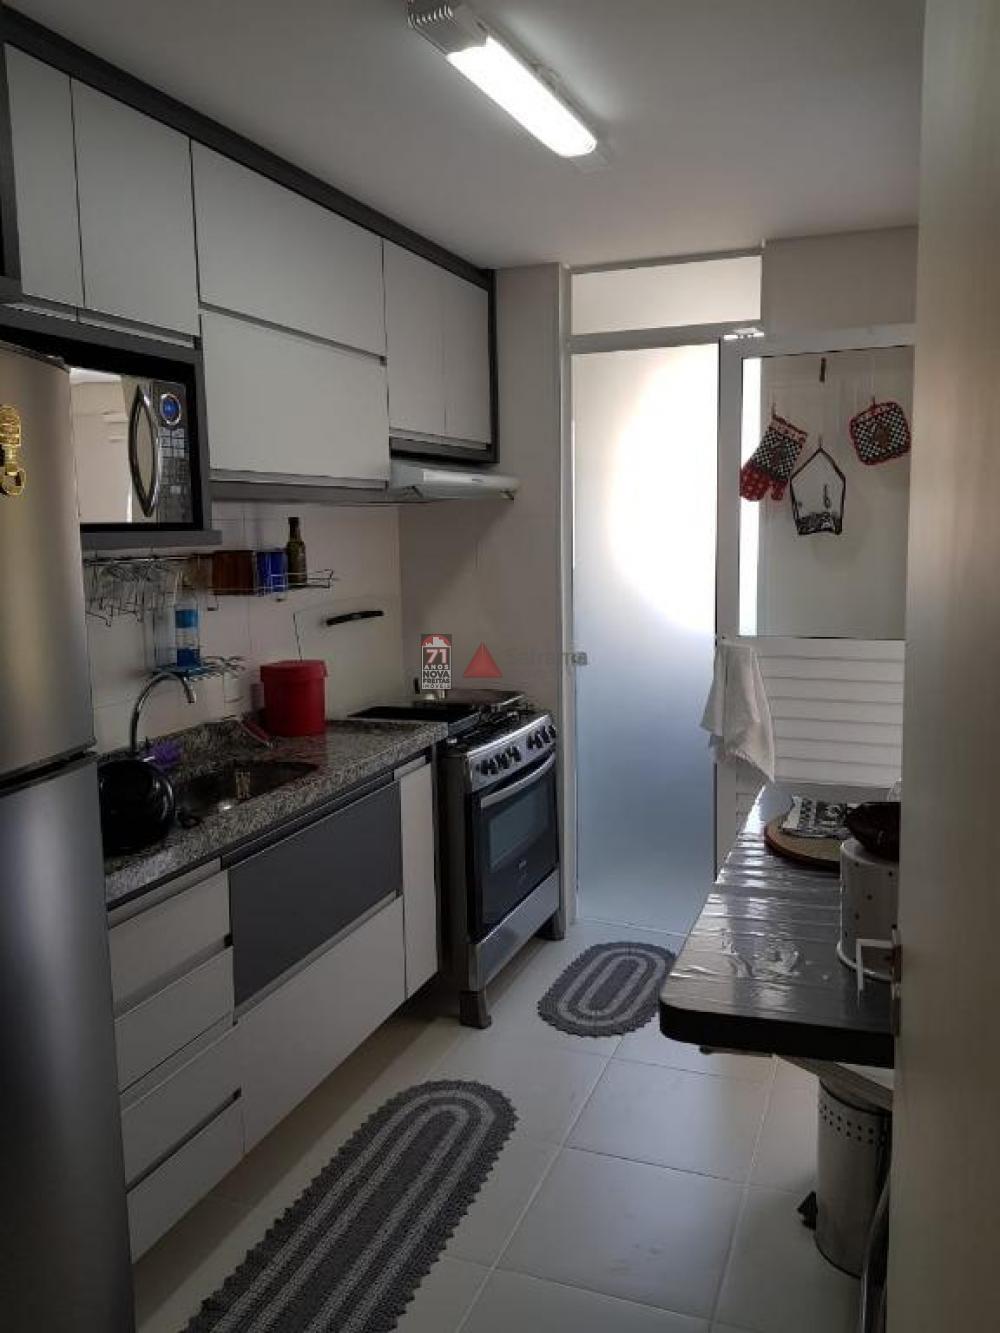 Alugar Apartamento / Padrão em Caraguatatuba apenas R$ 2.289,00 - Foto 3